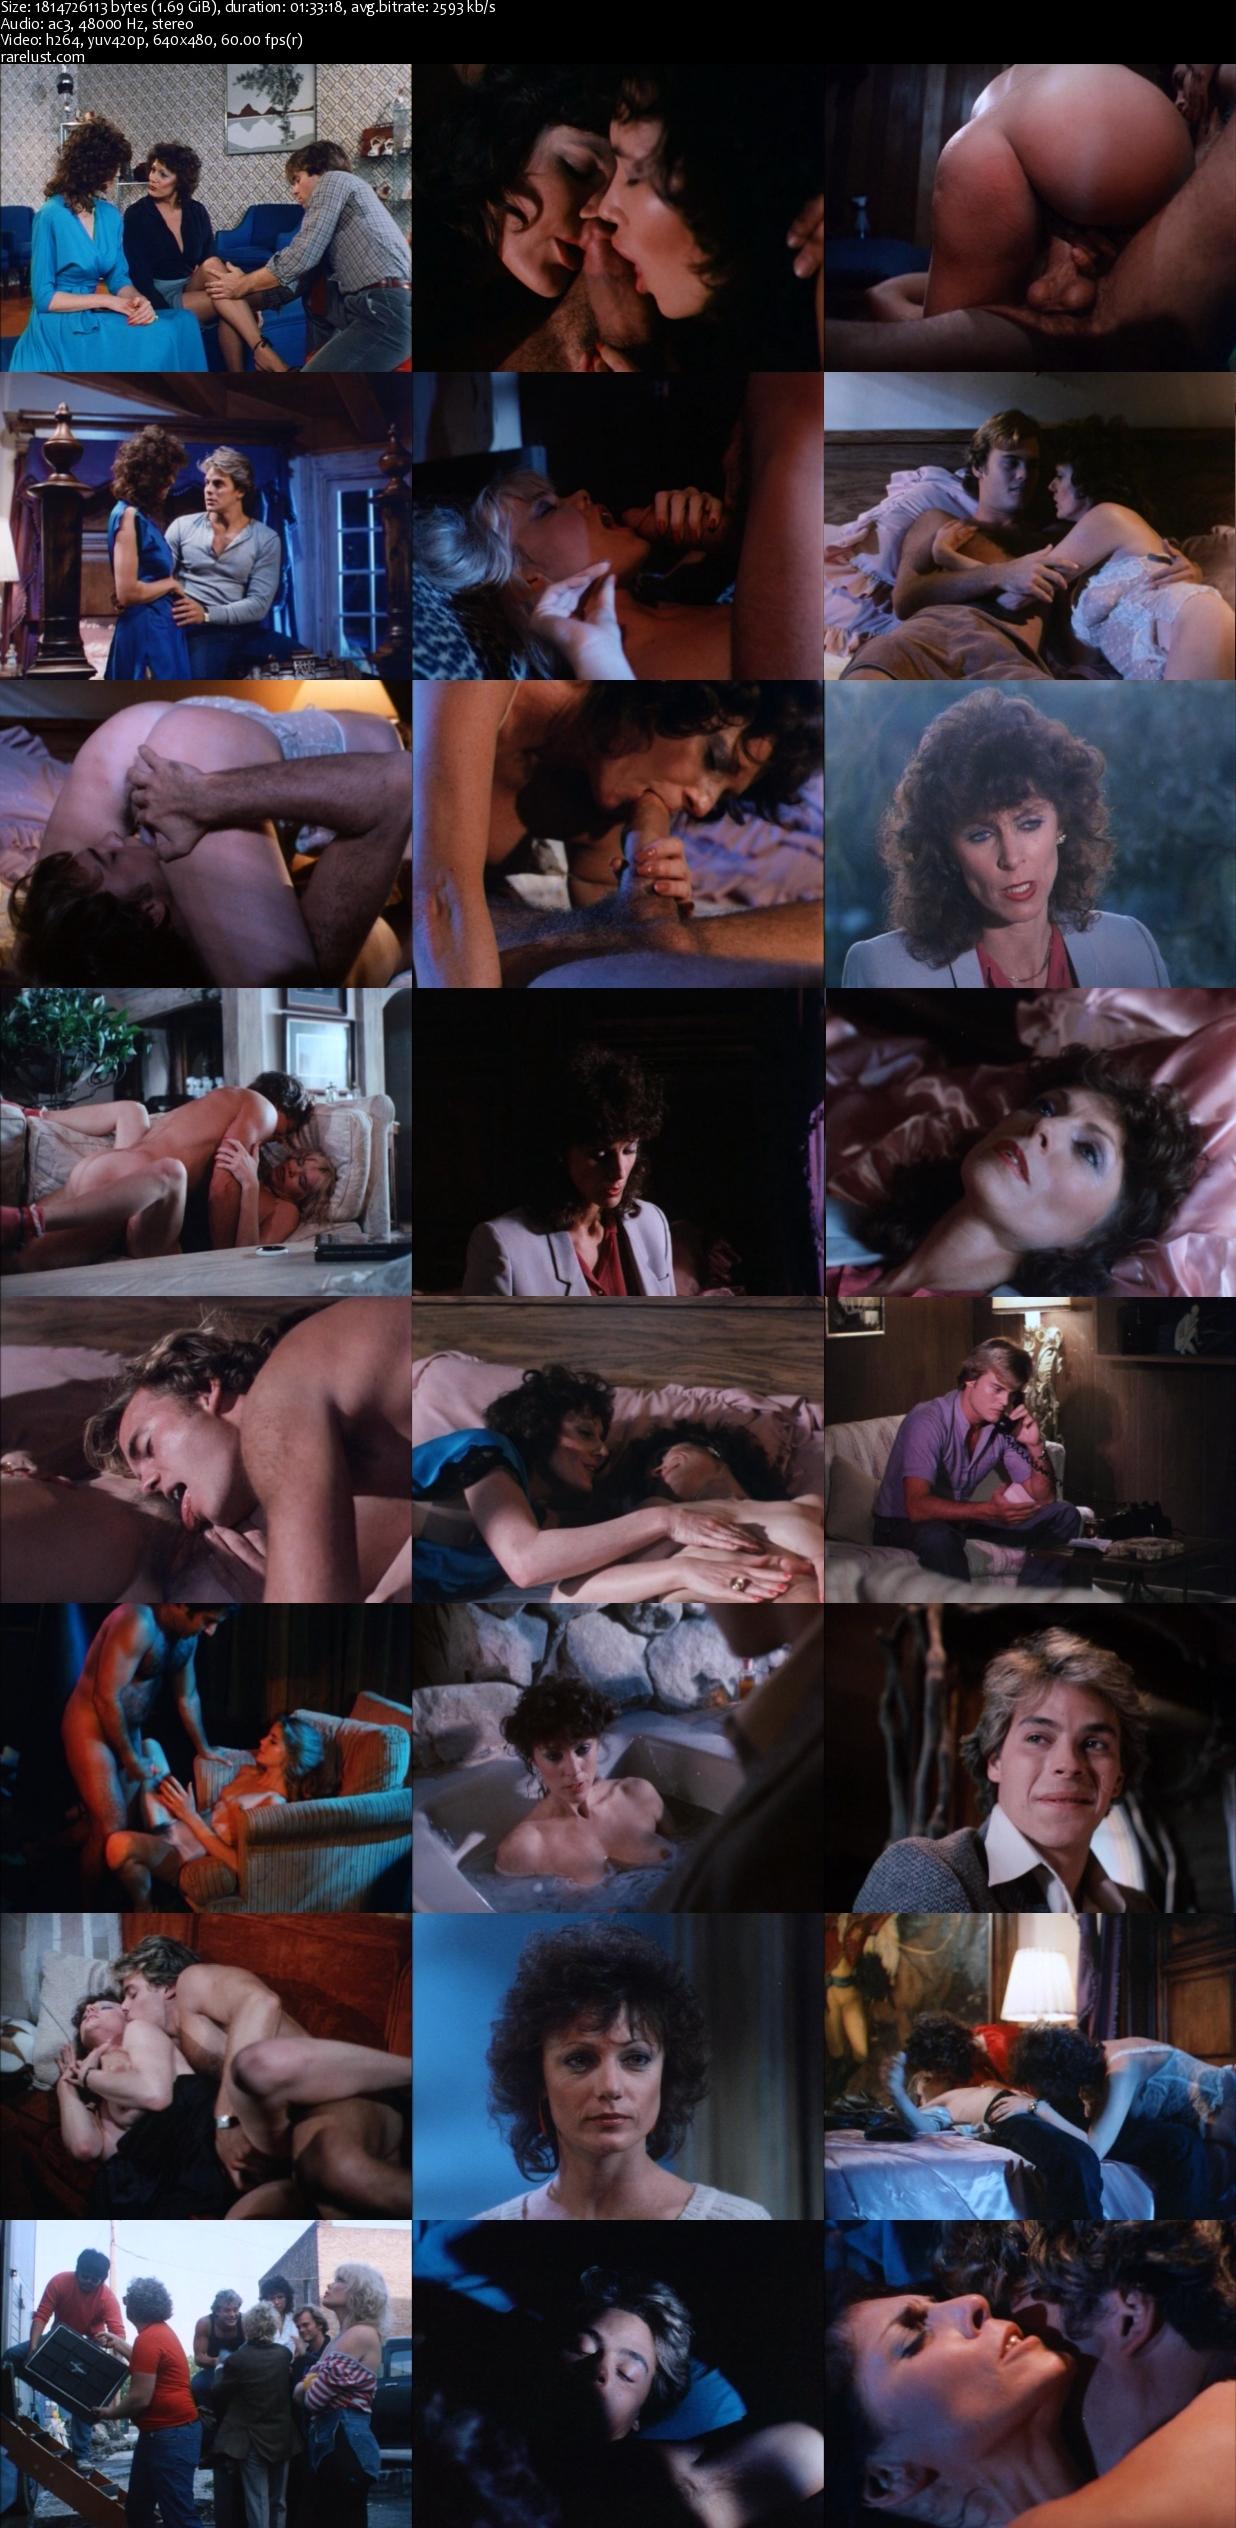 Sex usa 1971 - 2 part 2